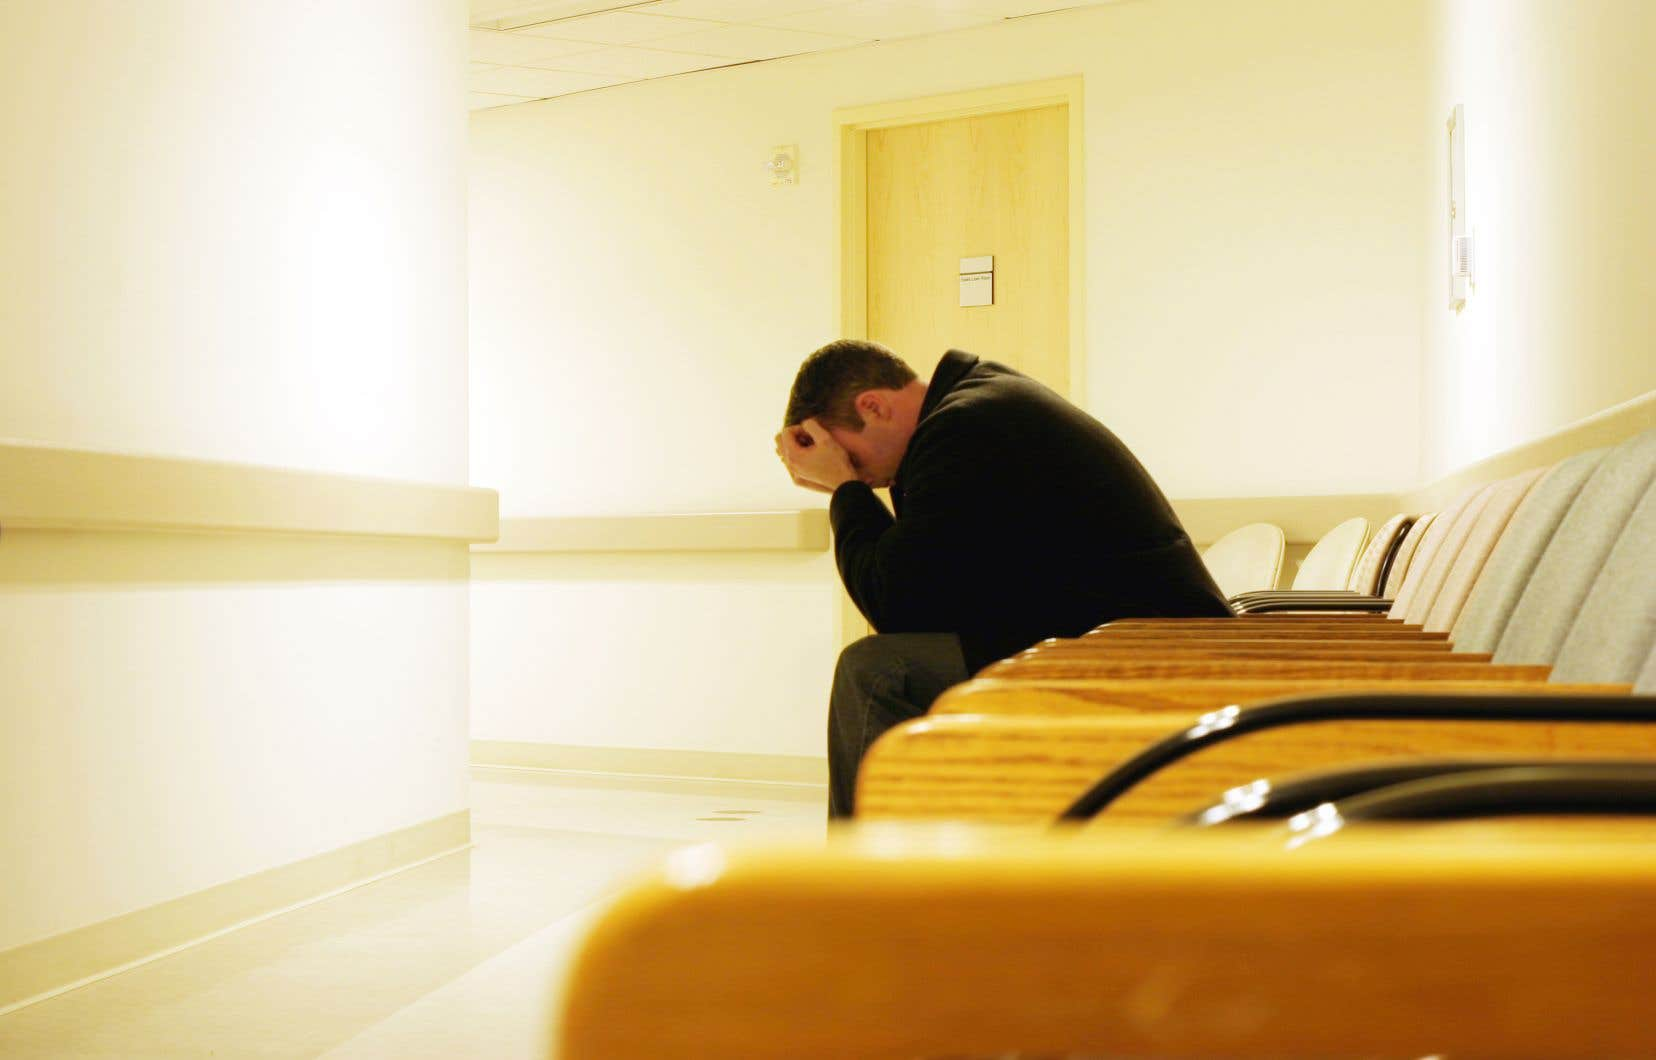 «Les enjeux sociaux et structuraux de la santé mentale, bien que clairement démontrés, n'existent nulle part dans le discours public», affirment les auteurs.